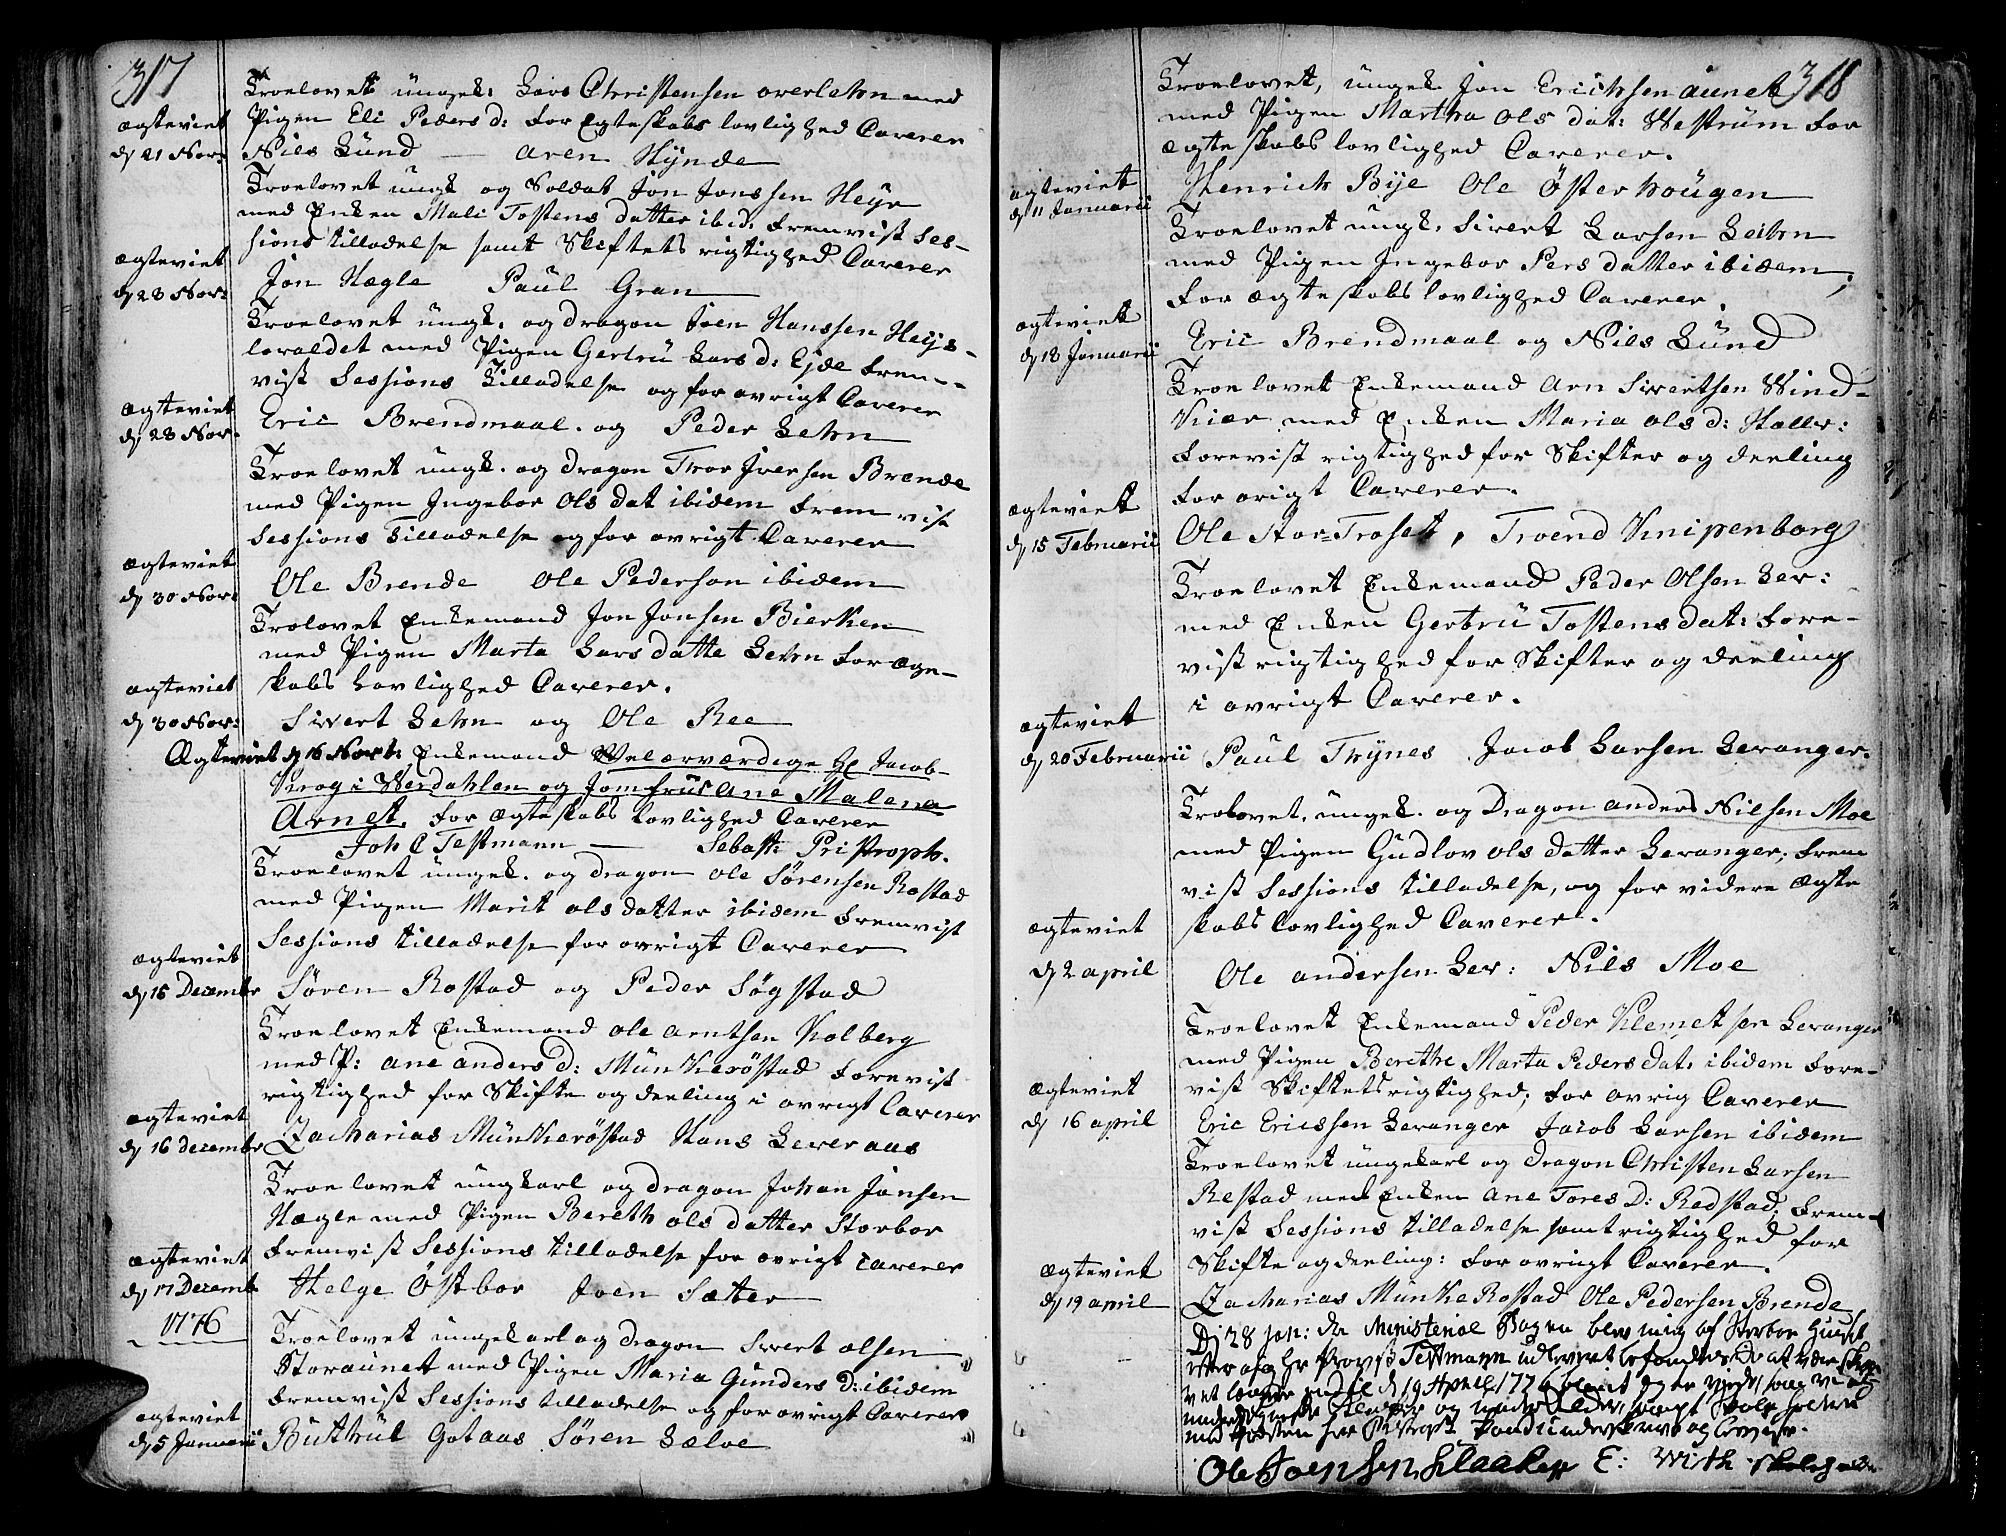 SAT, Ministerialprotokoller, klokkerbøker og fødselsregistre - Nord-Trøndelag, 717/L0141: Ministerialbok nr. 717A01, 1747-1803, s. 317-318